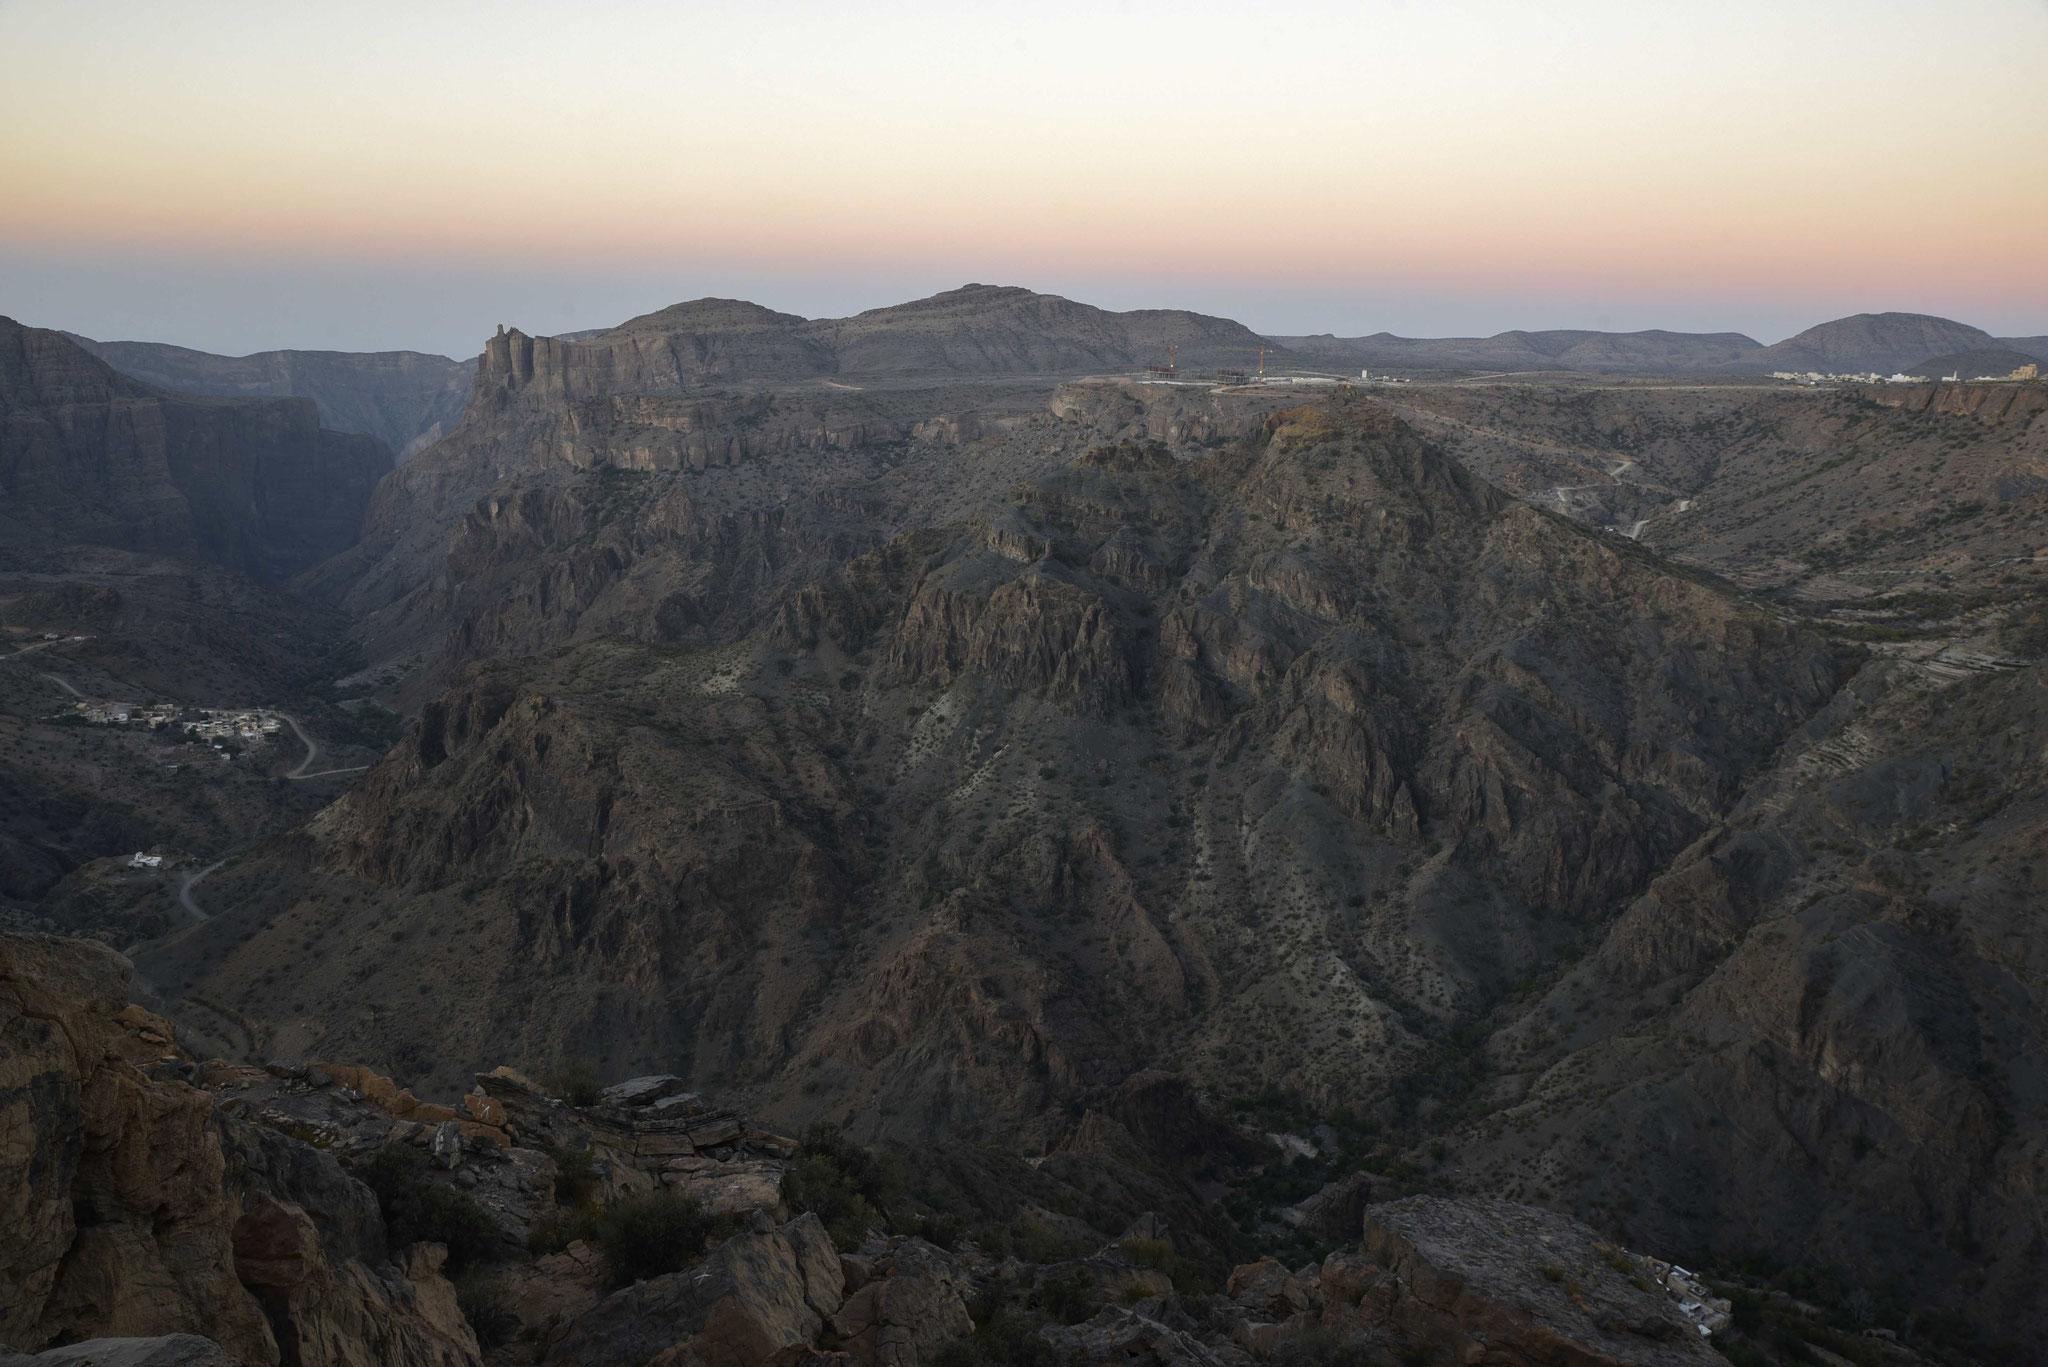 Sonnenaufgang am Jebel Akhdar II